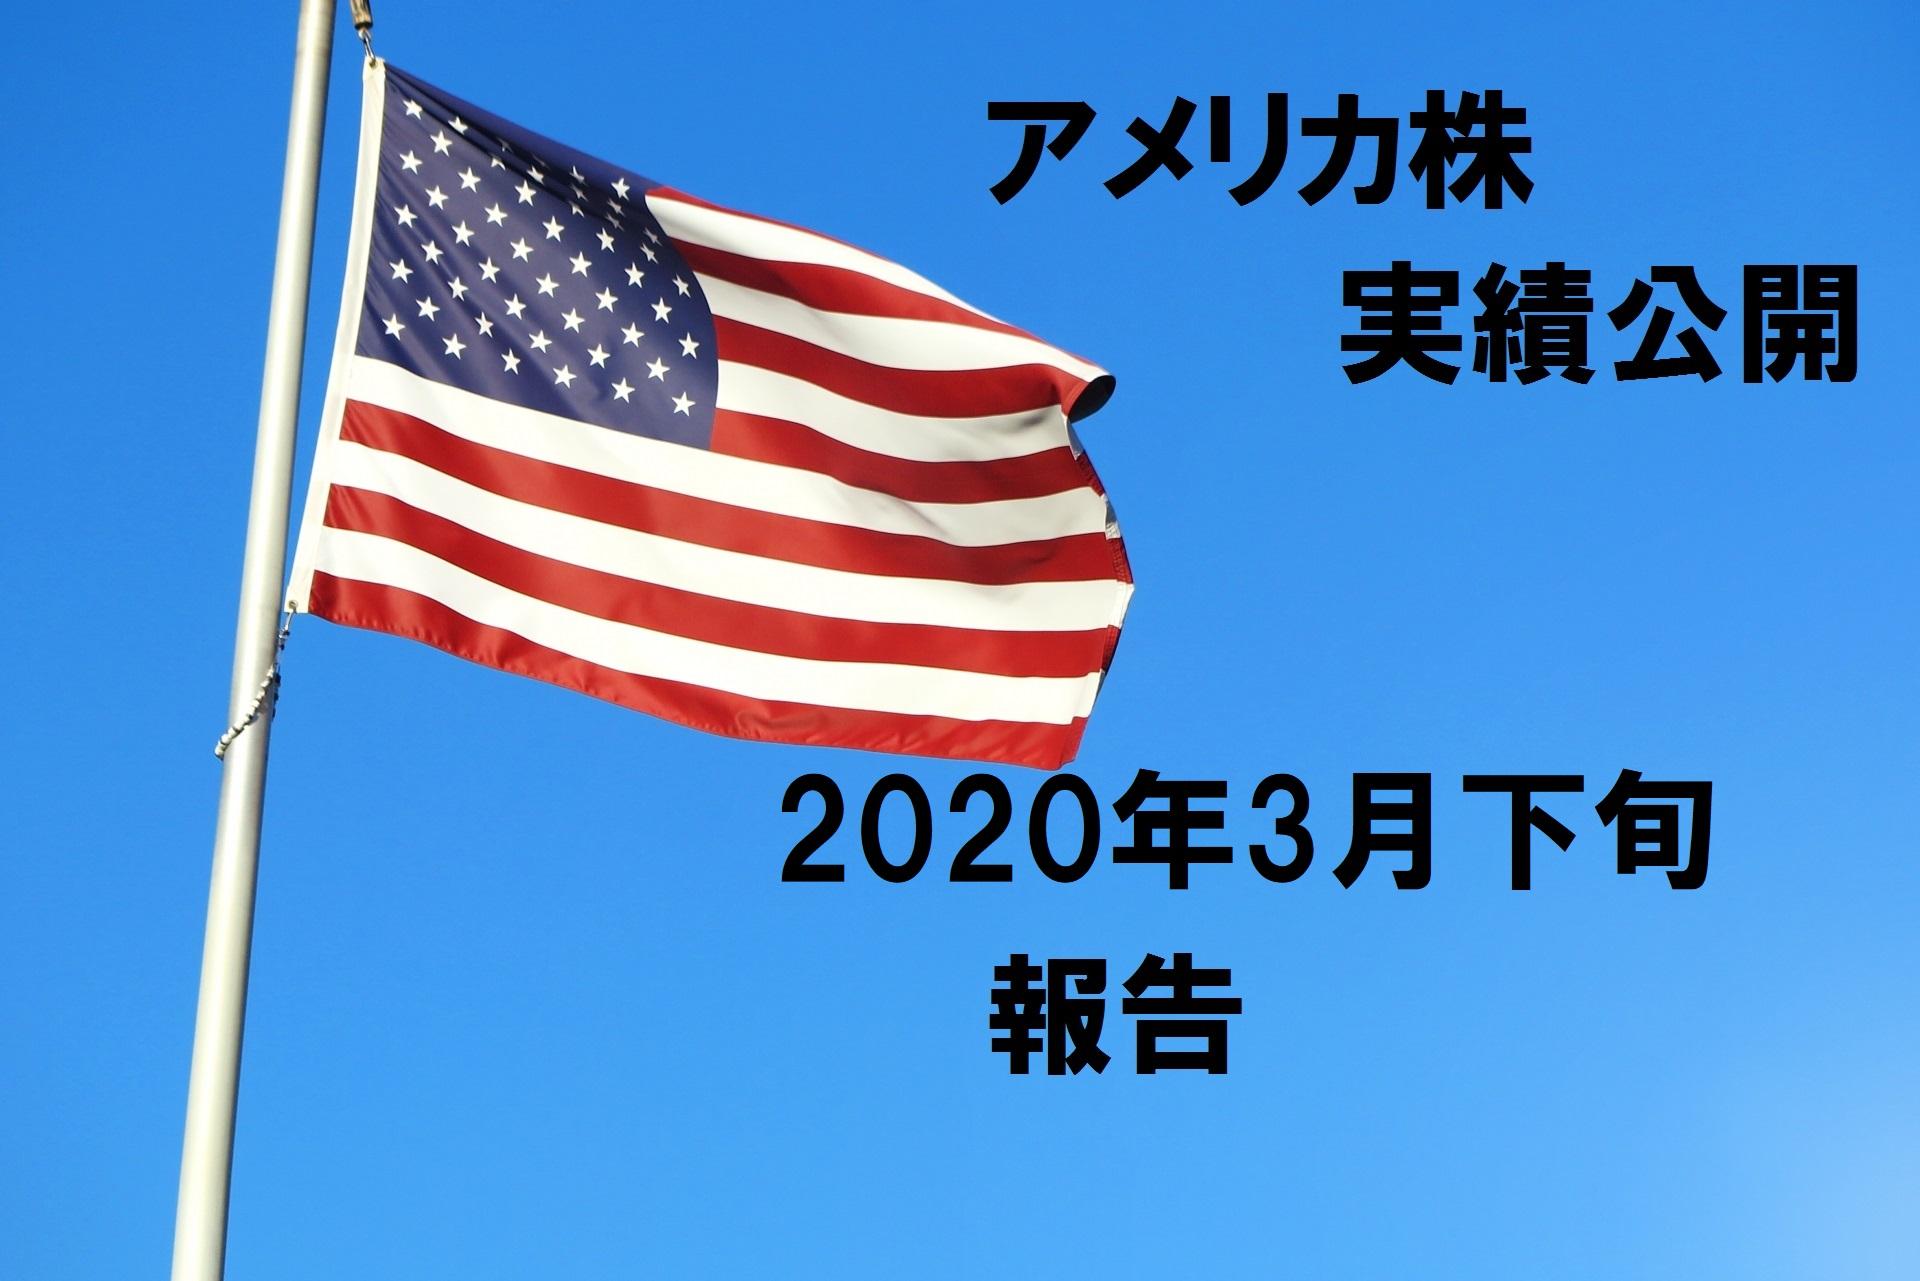 2020年3月下旬時点でのアメリカ株実績報告(感染拡大により終わりが見えぬアメリカ編)